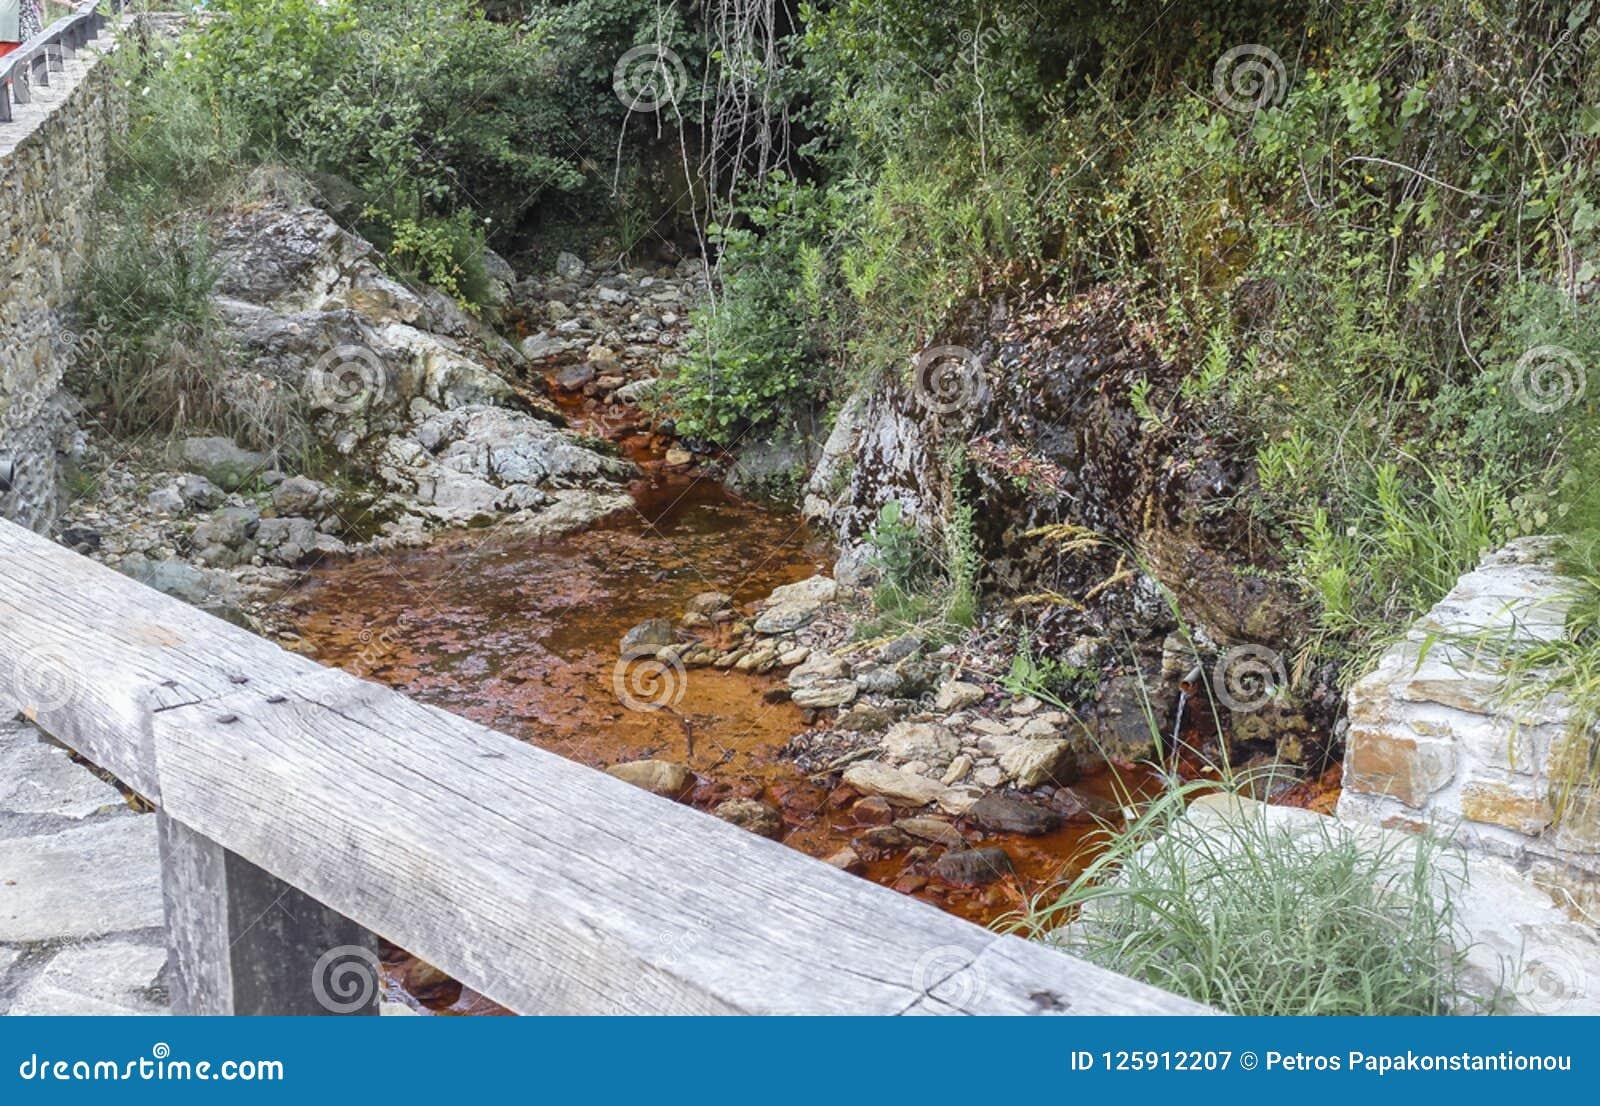 Le fer rouge a rempli eau naturelle de montagne formant une rivière